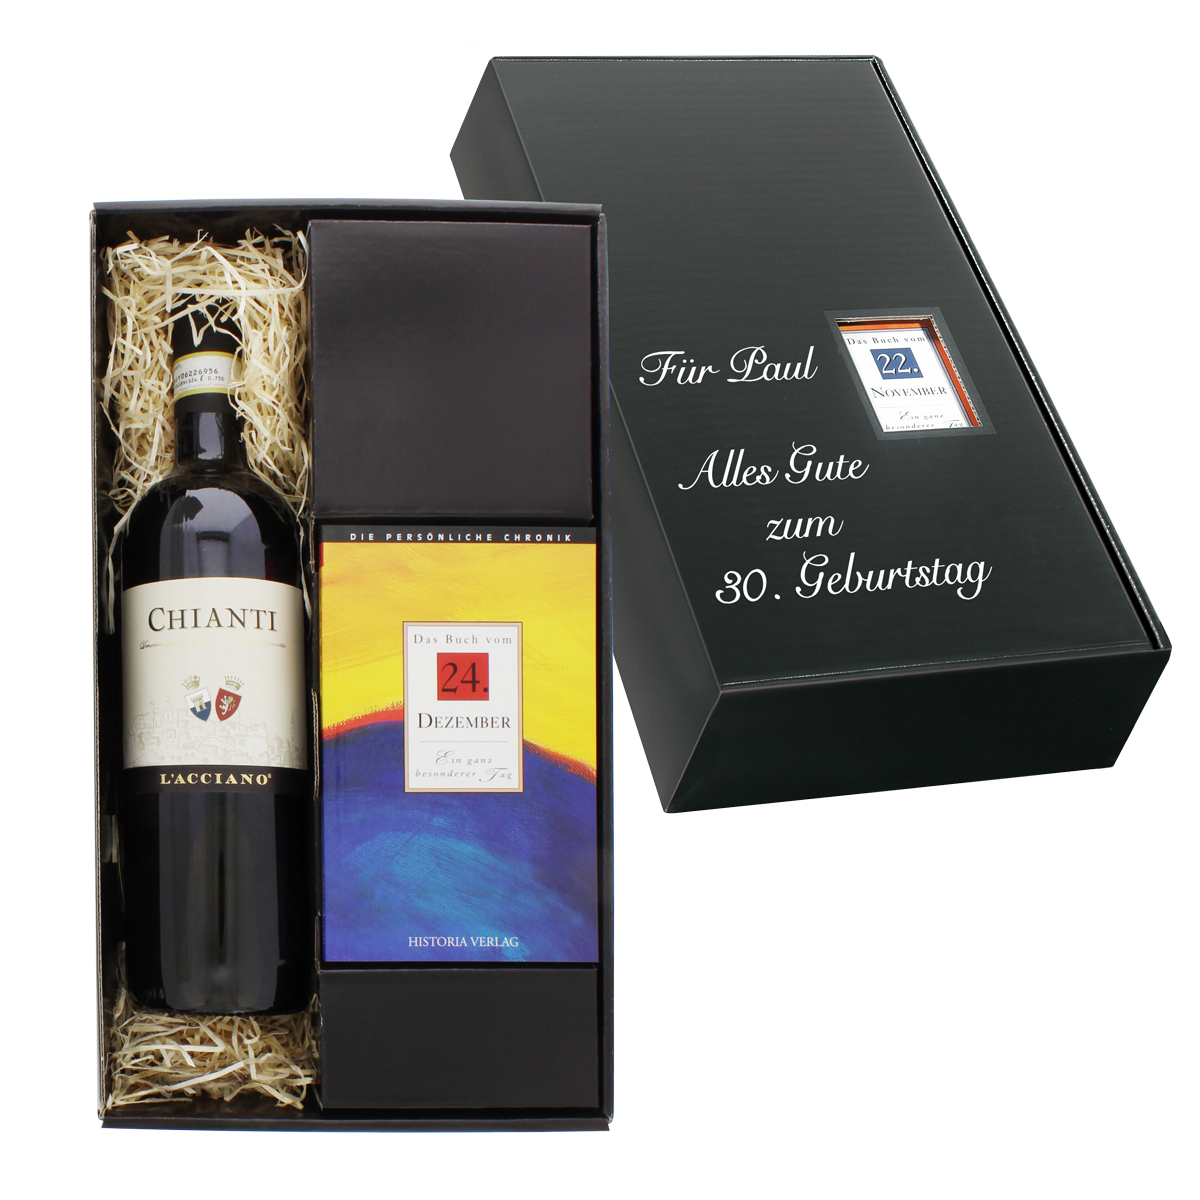 Italien-Set: Tageschronik vom 12. Oktober & Chianti-Wein